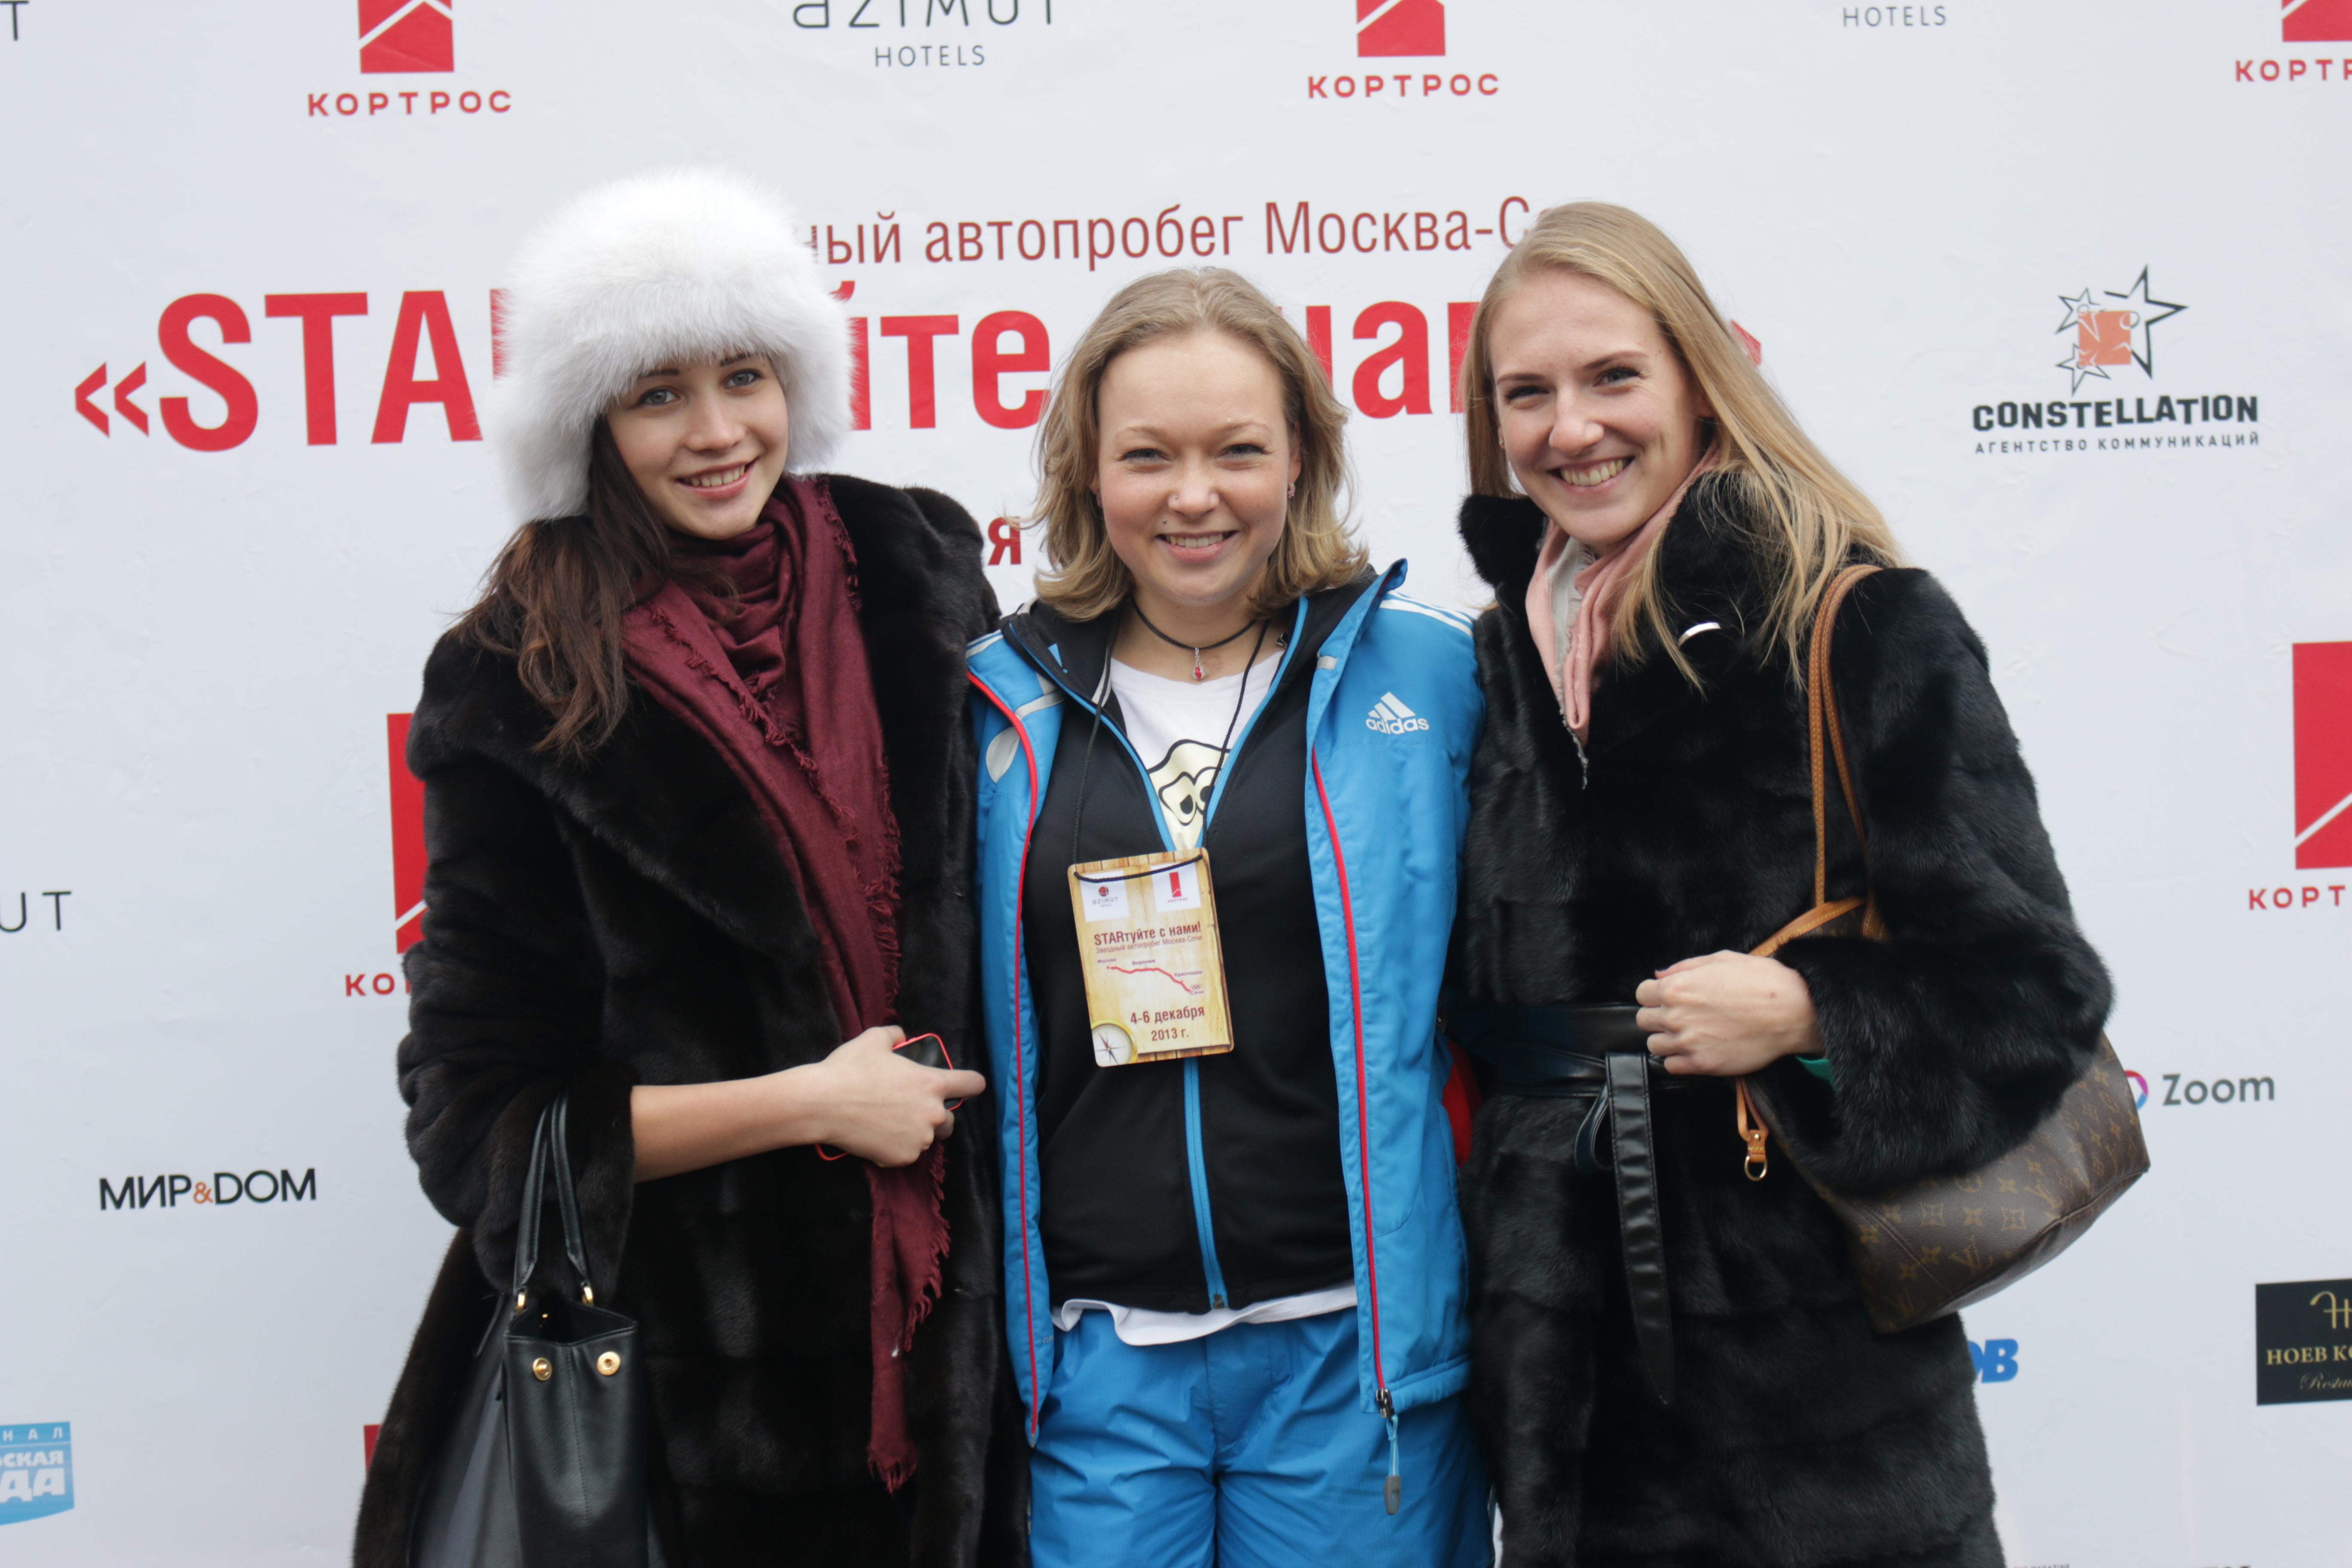 Ульяна Донскова, Ирина Скворцова, Светлана Ромашина